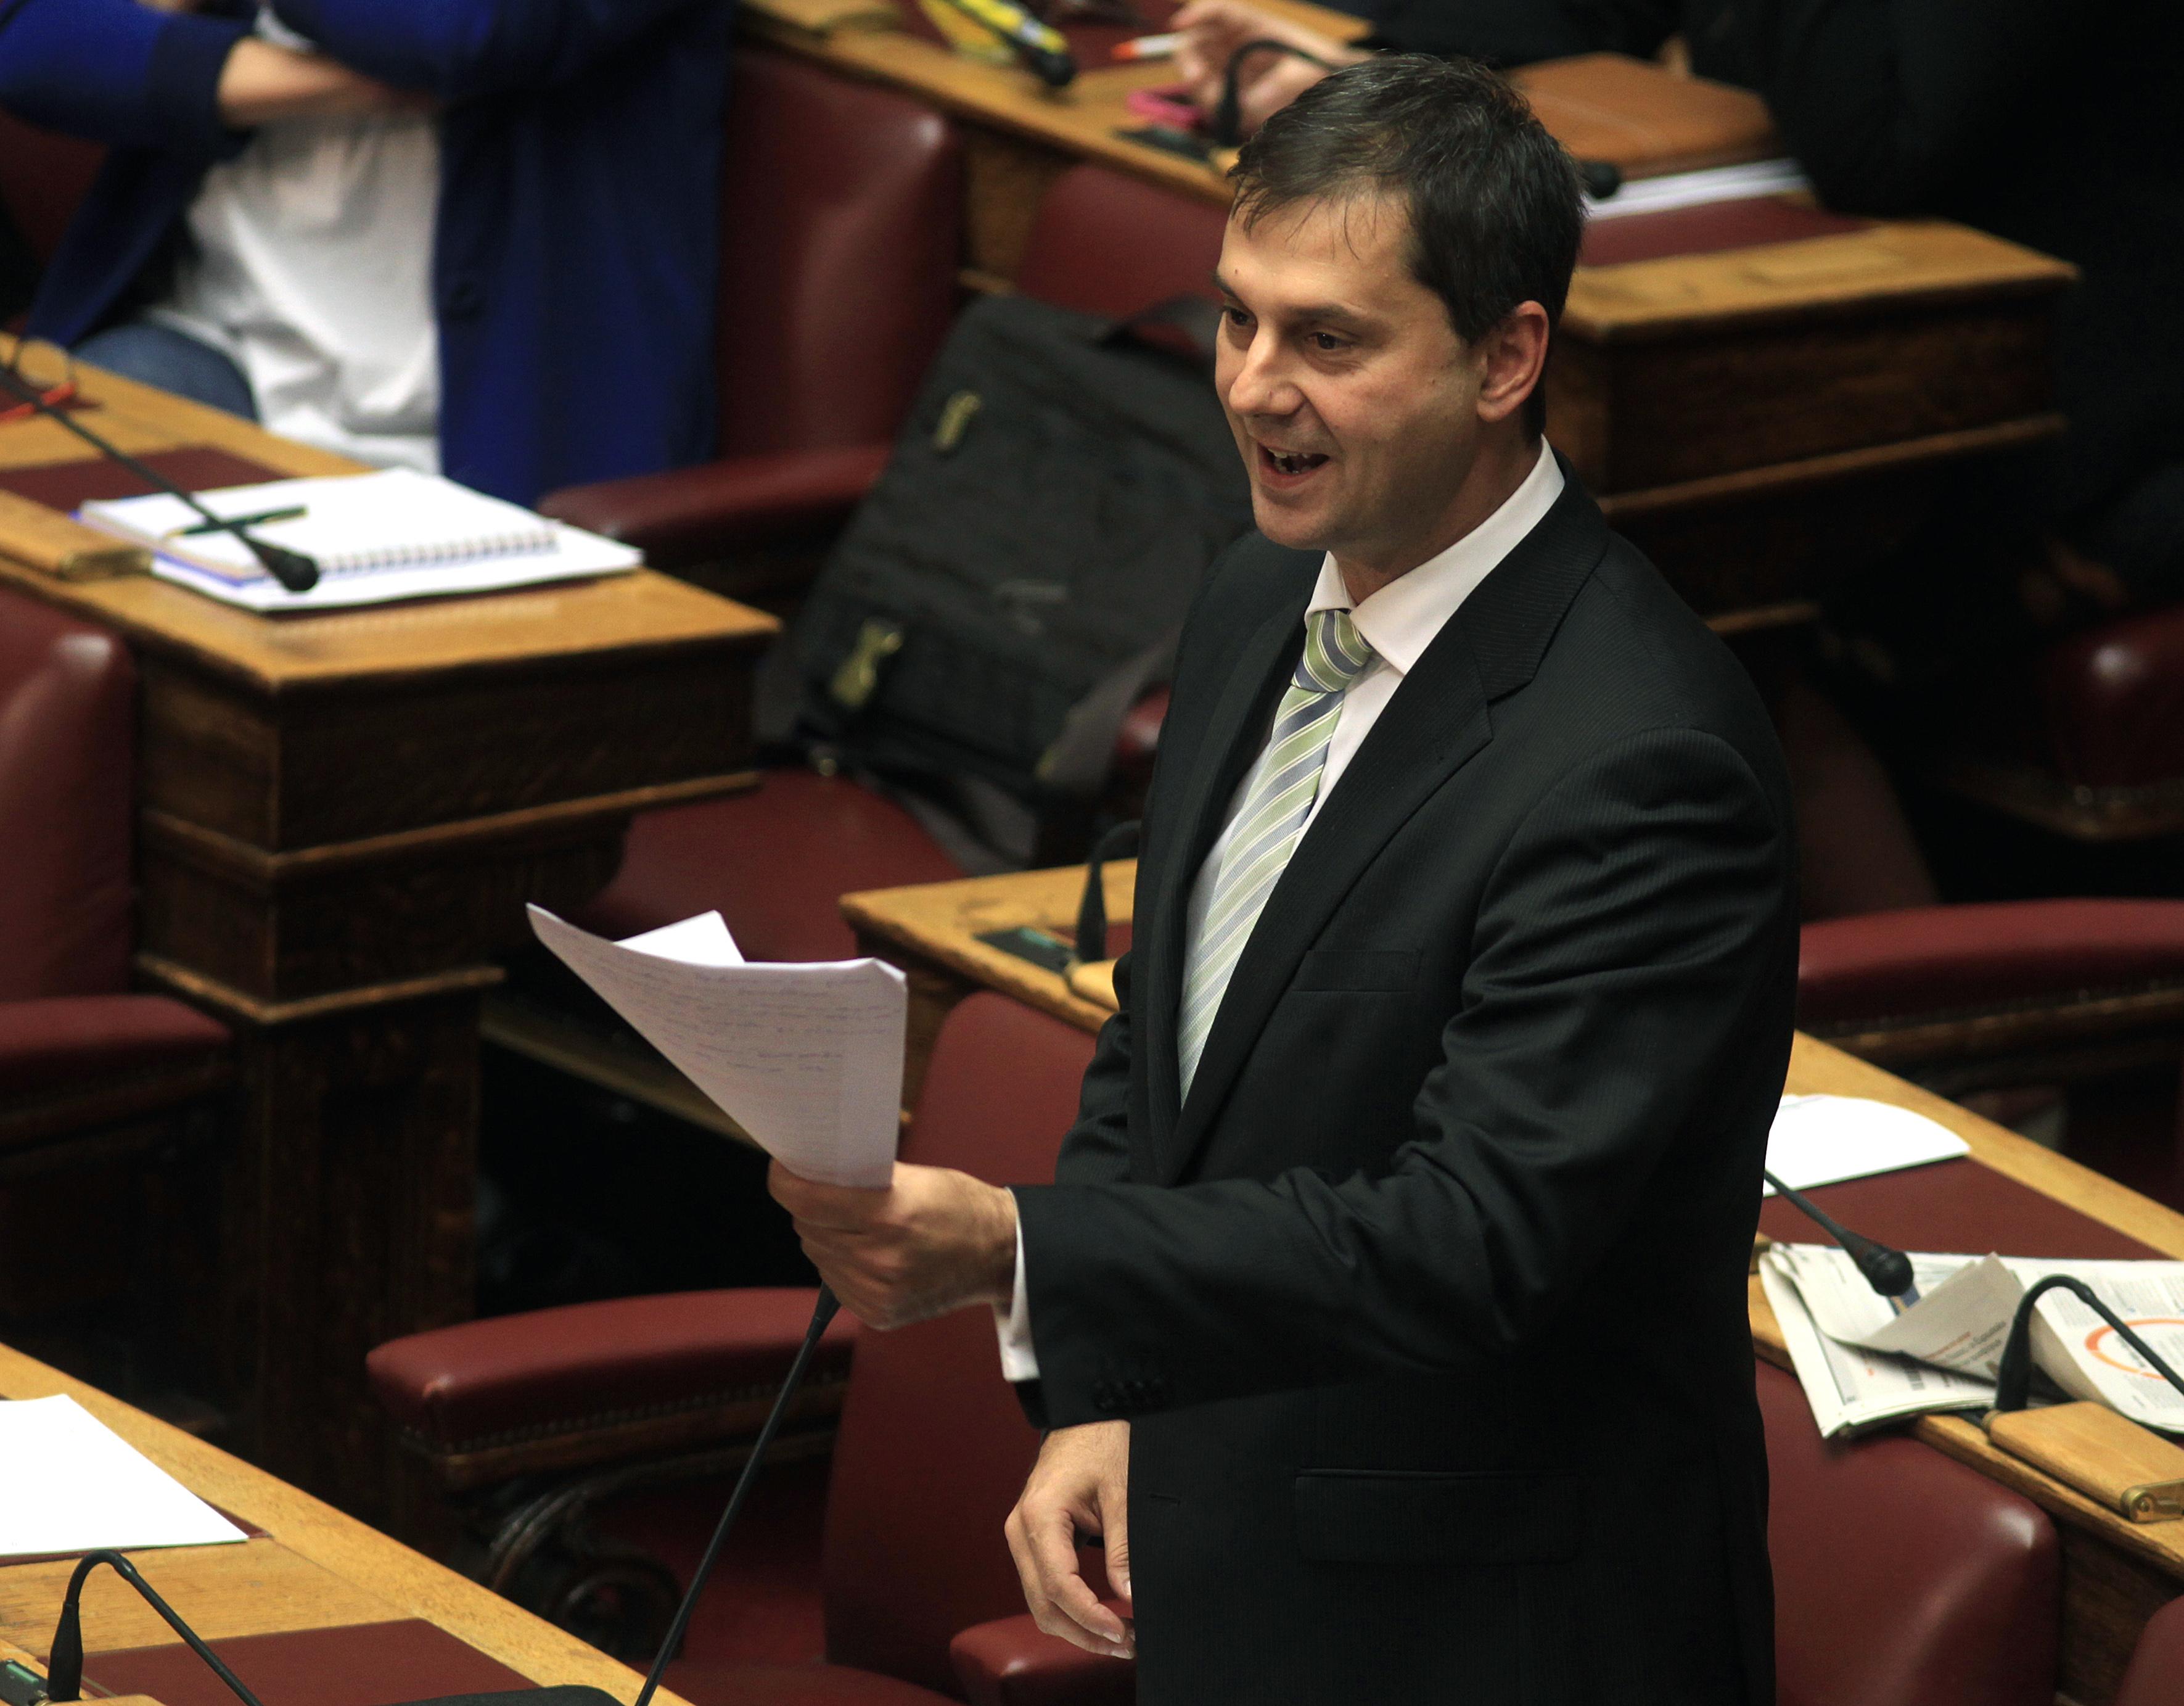 Θεοχάρης: Ο κ. Τσακαλώτος θα έπρεπε να παραιτηθεί, αν είχε ευθιξία | tovima.gr